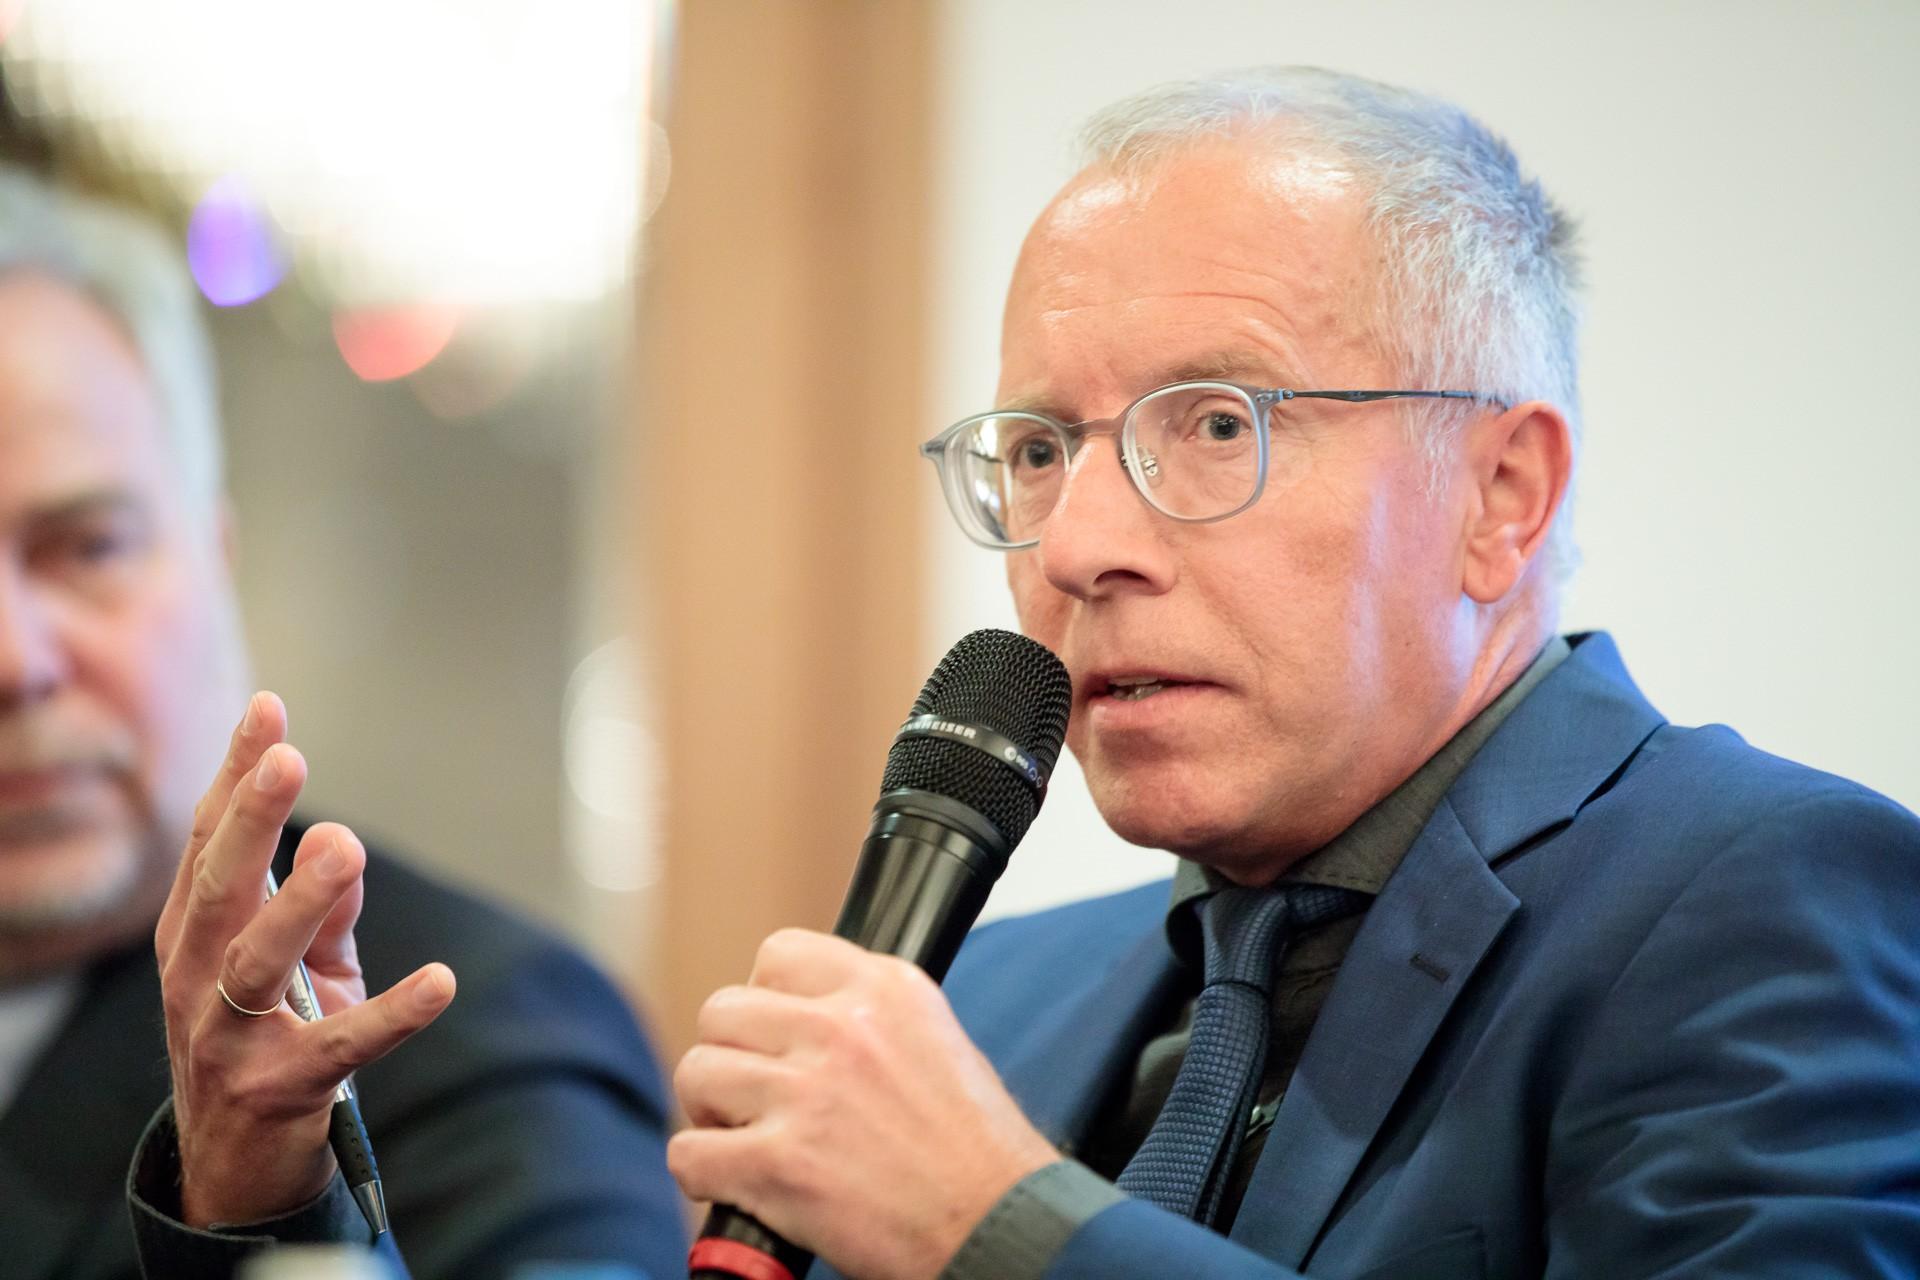 Auf Einladung der Mülheimer Kolpingfamilien sprach Prof. Dr. Karl-Rudolf Korte über die Gefährdung der Demokratie durch Erstarken extremistischer Parteien